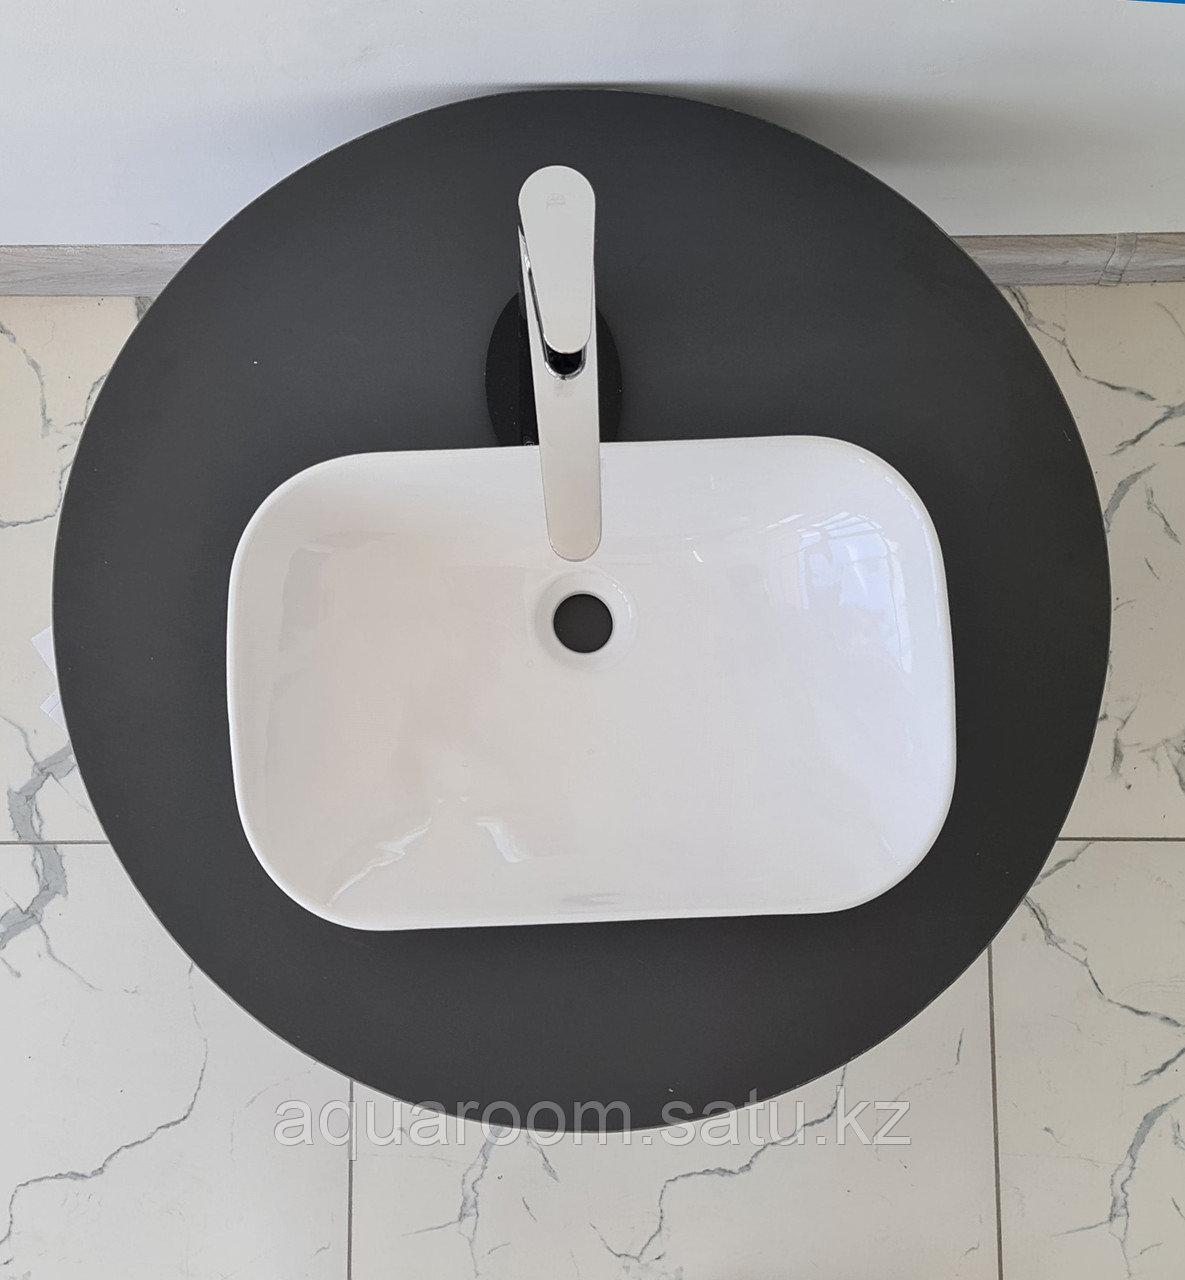 Раковина керамическая Estetica накладная на столешницу 510*335 (403102) - фото 2